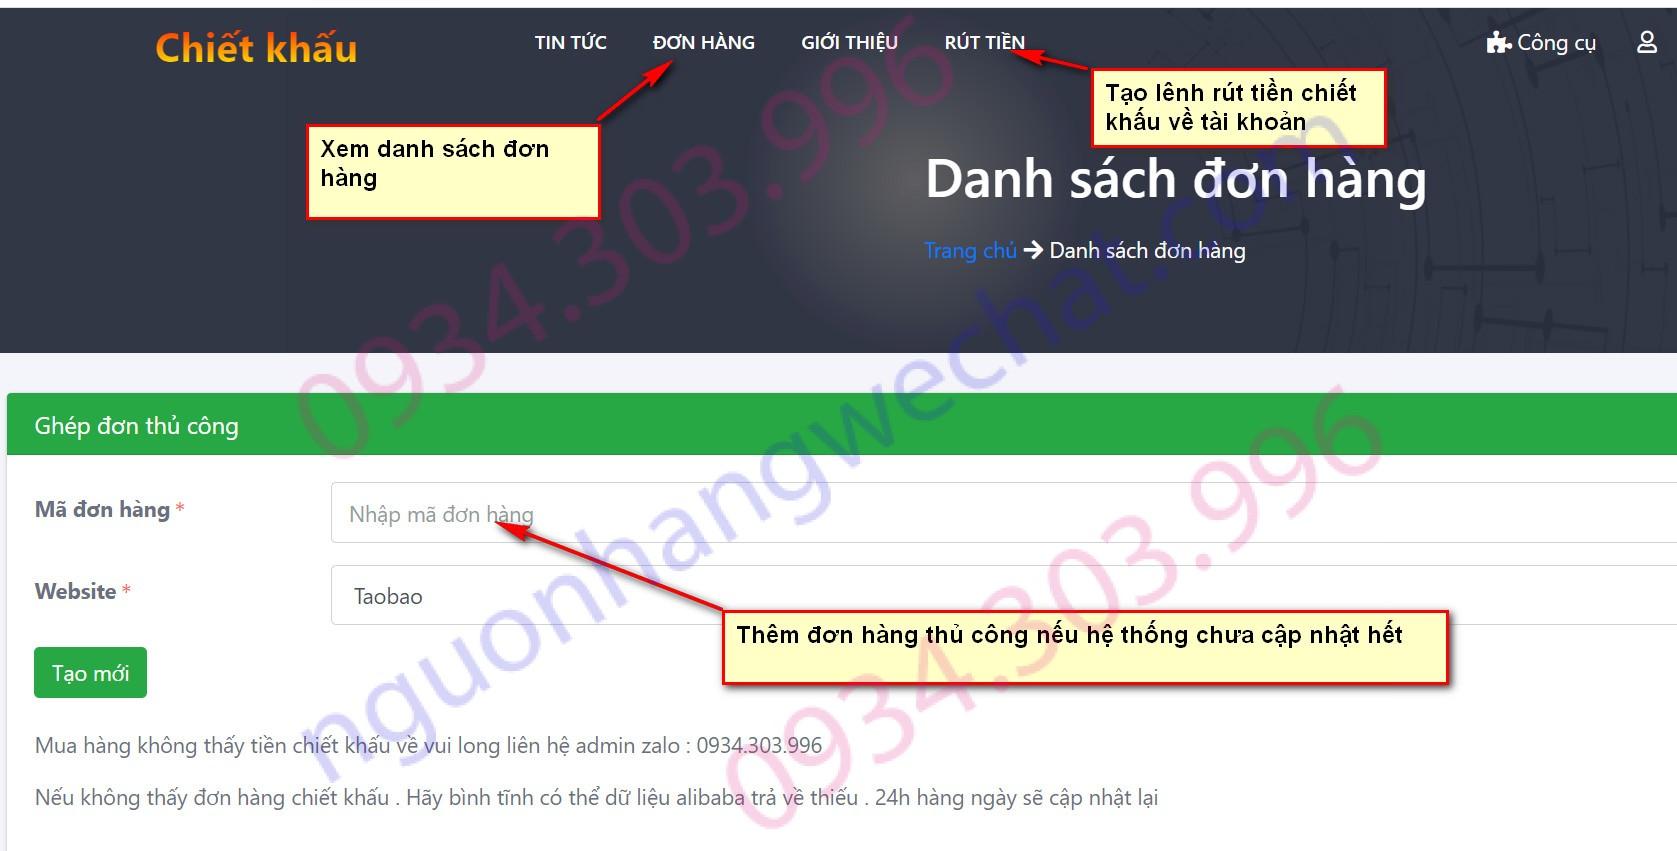 Hướng dẫn sử dụng website lấy chiết khấu Taobao